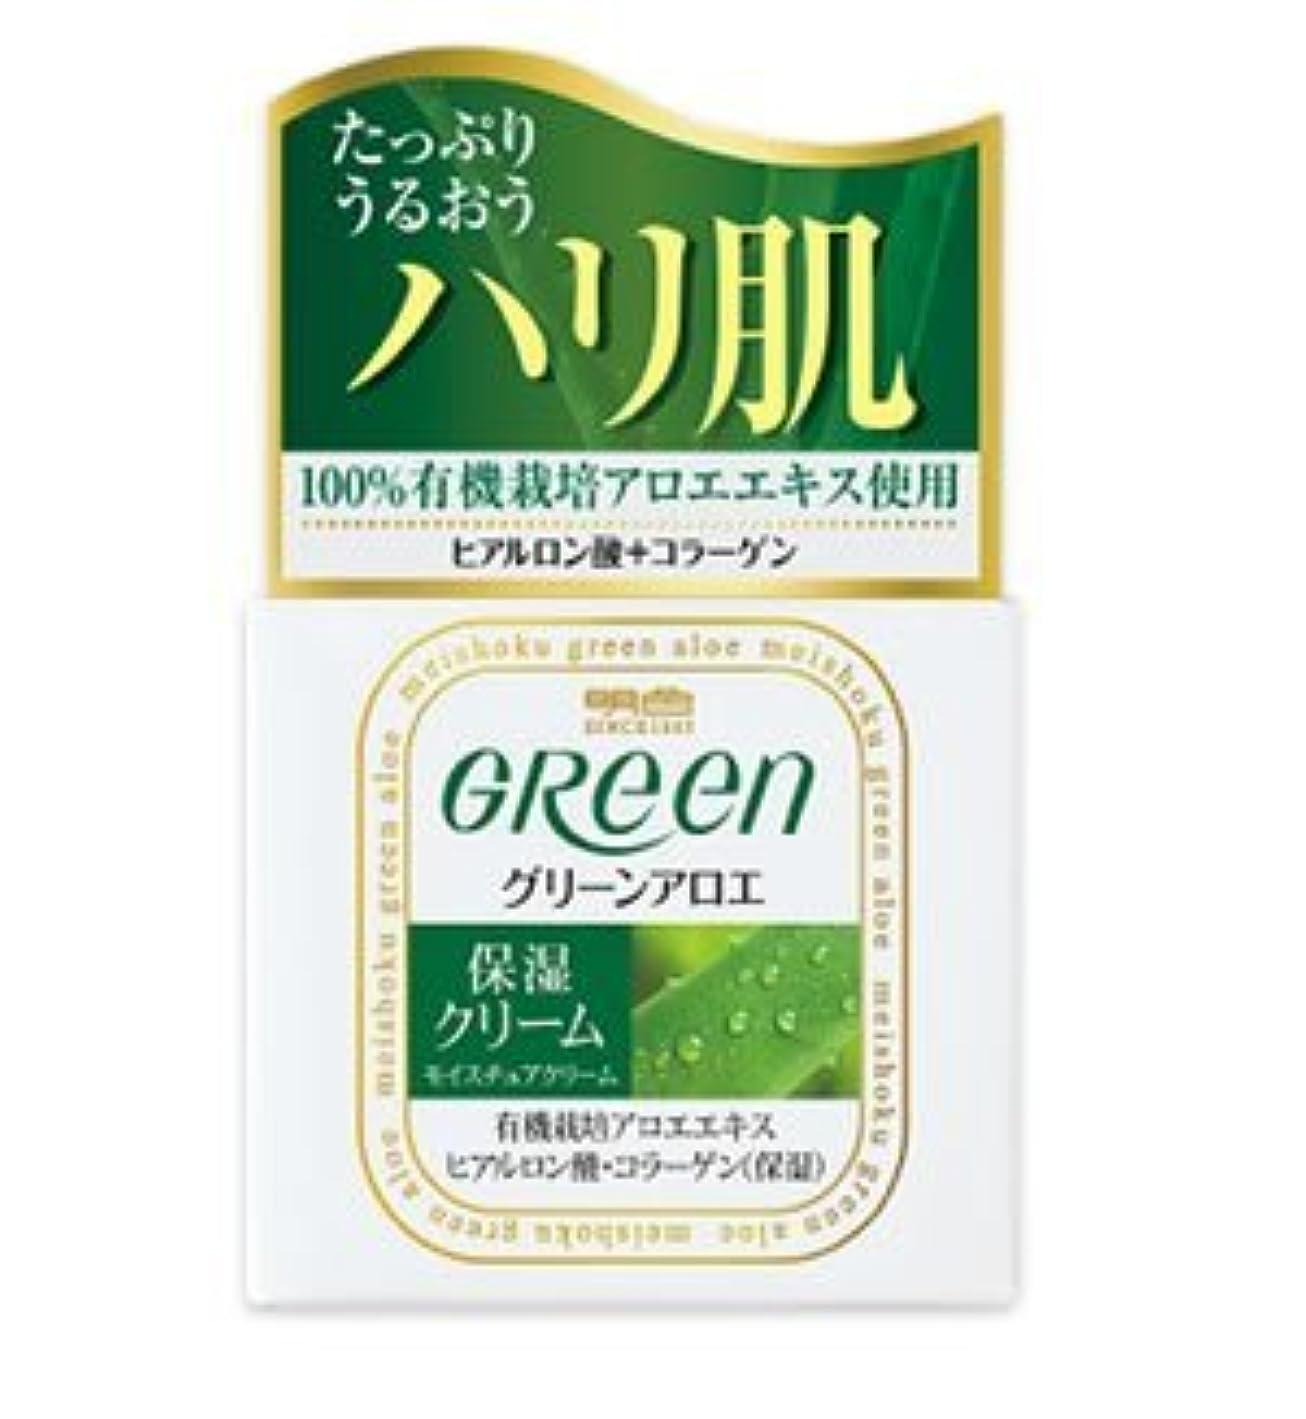 警察署地味な登録(明色)グリーン モイスチュアクリーム 48g(お買い得3個セット)